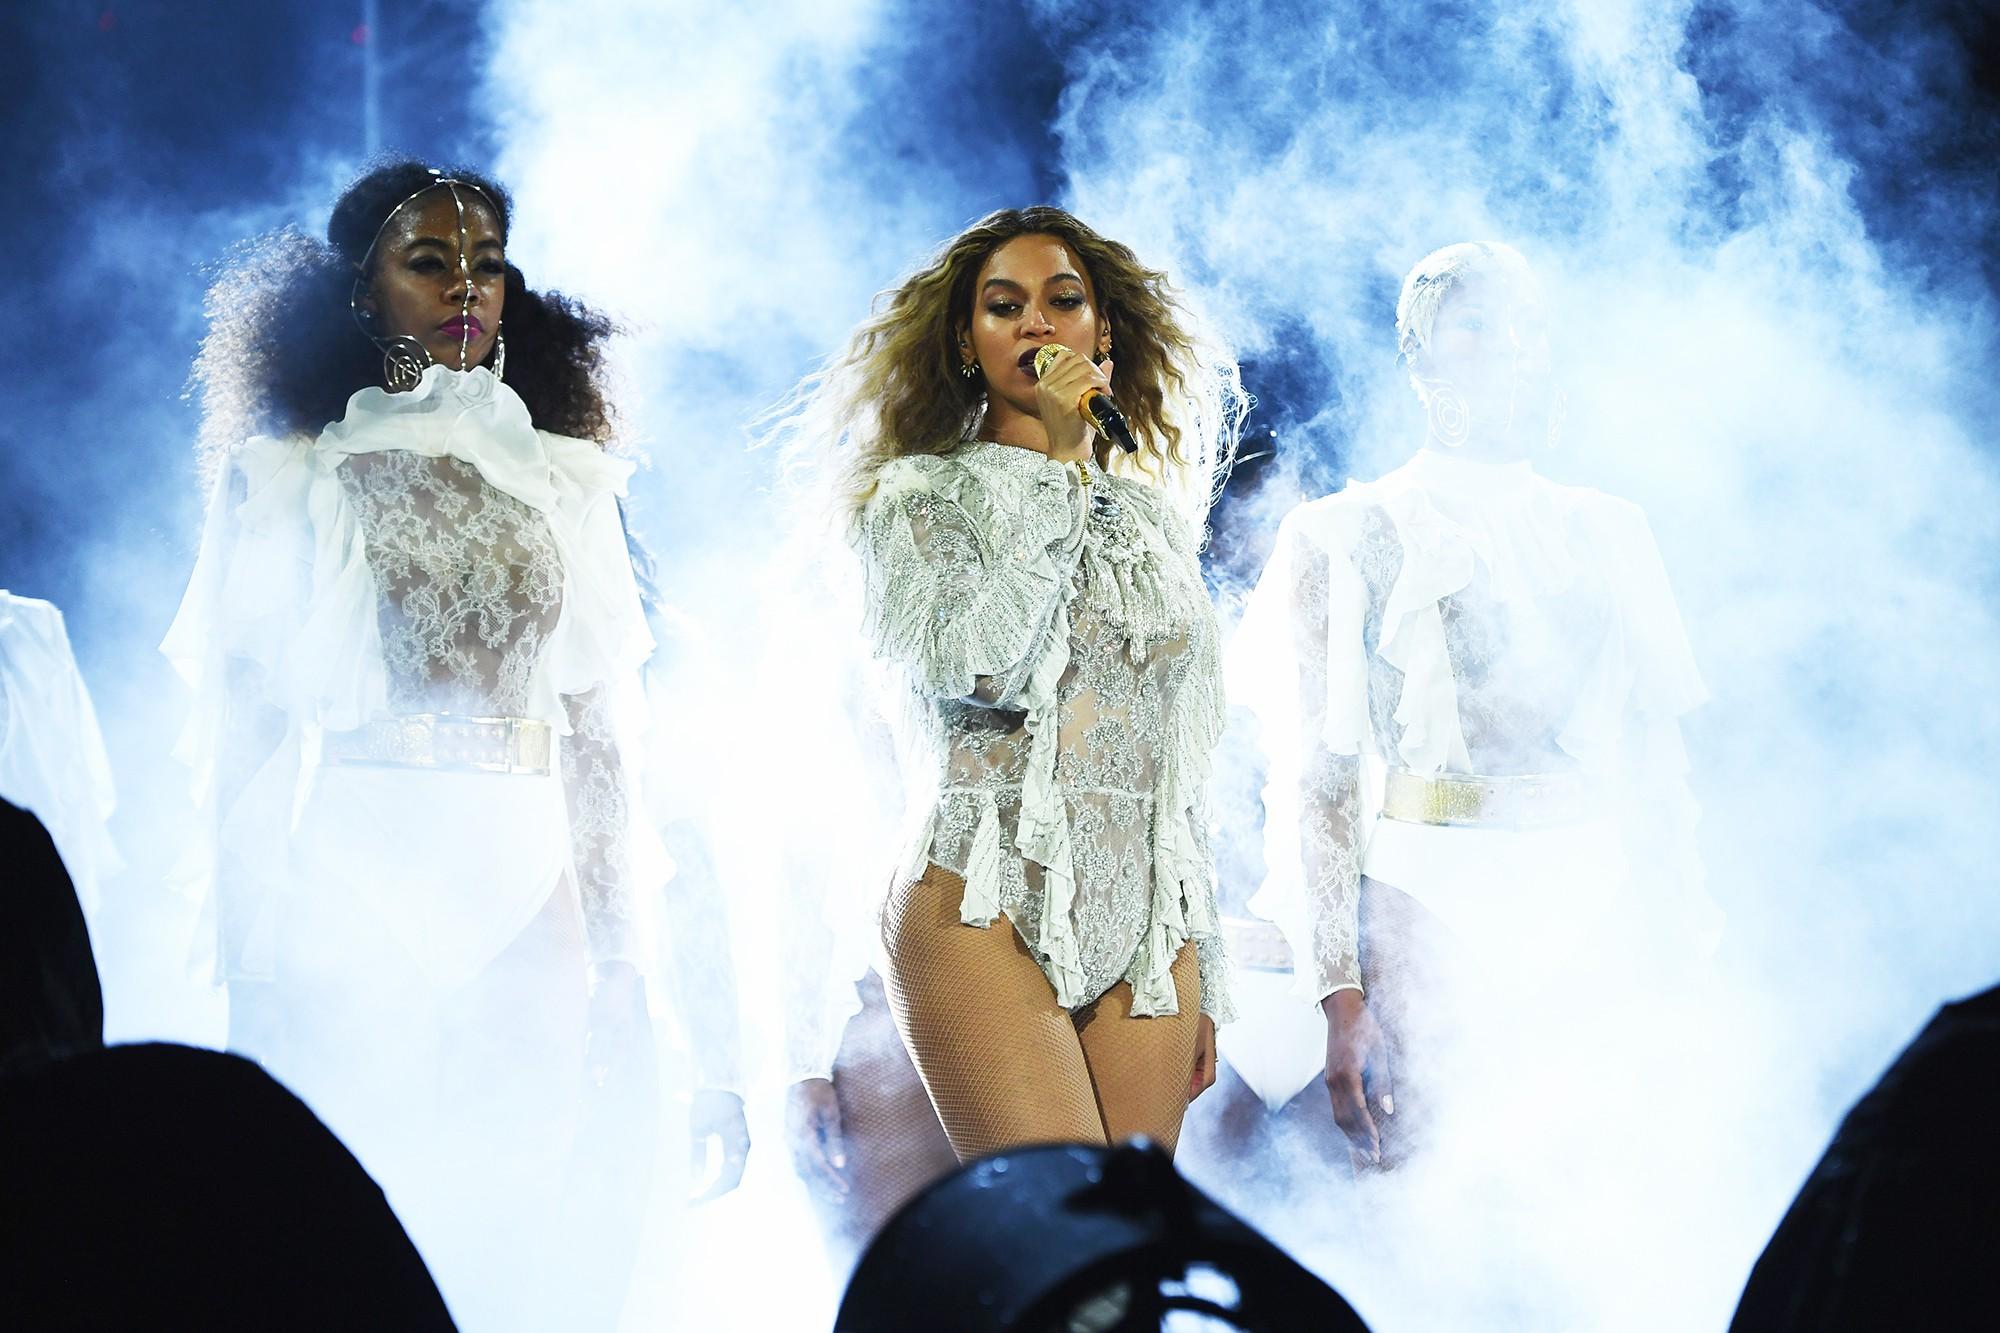 Hết vượt BTS, Black Pink tiếp tục lập thành tích khủng đánh bại cả Beyoncé và Nicki Minaj - Ảnh 4.